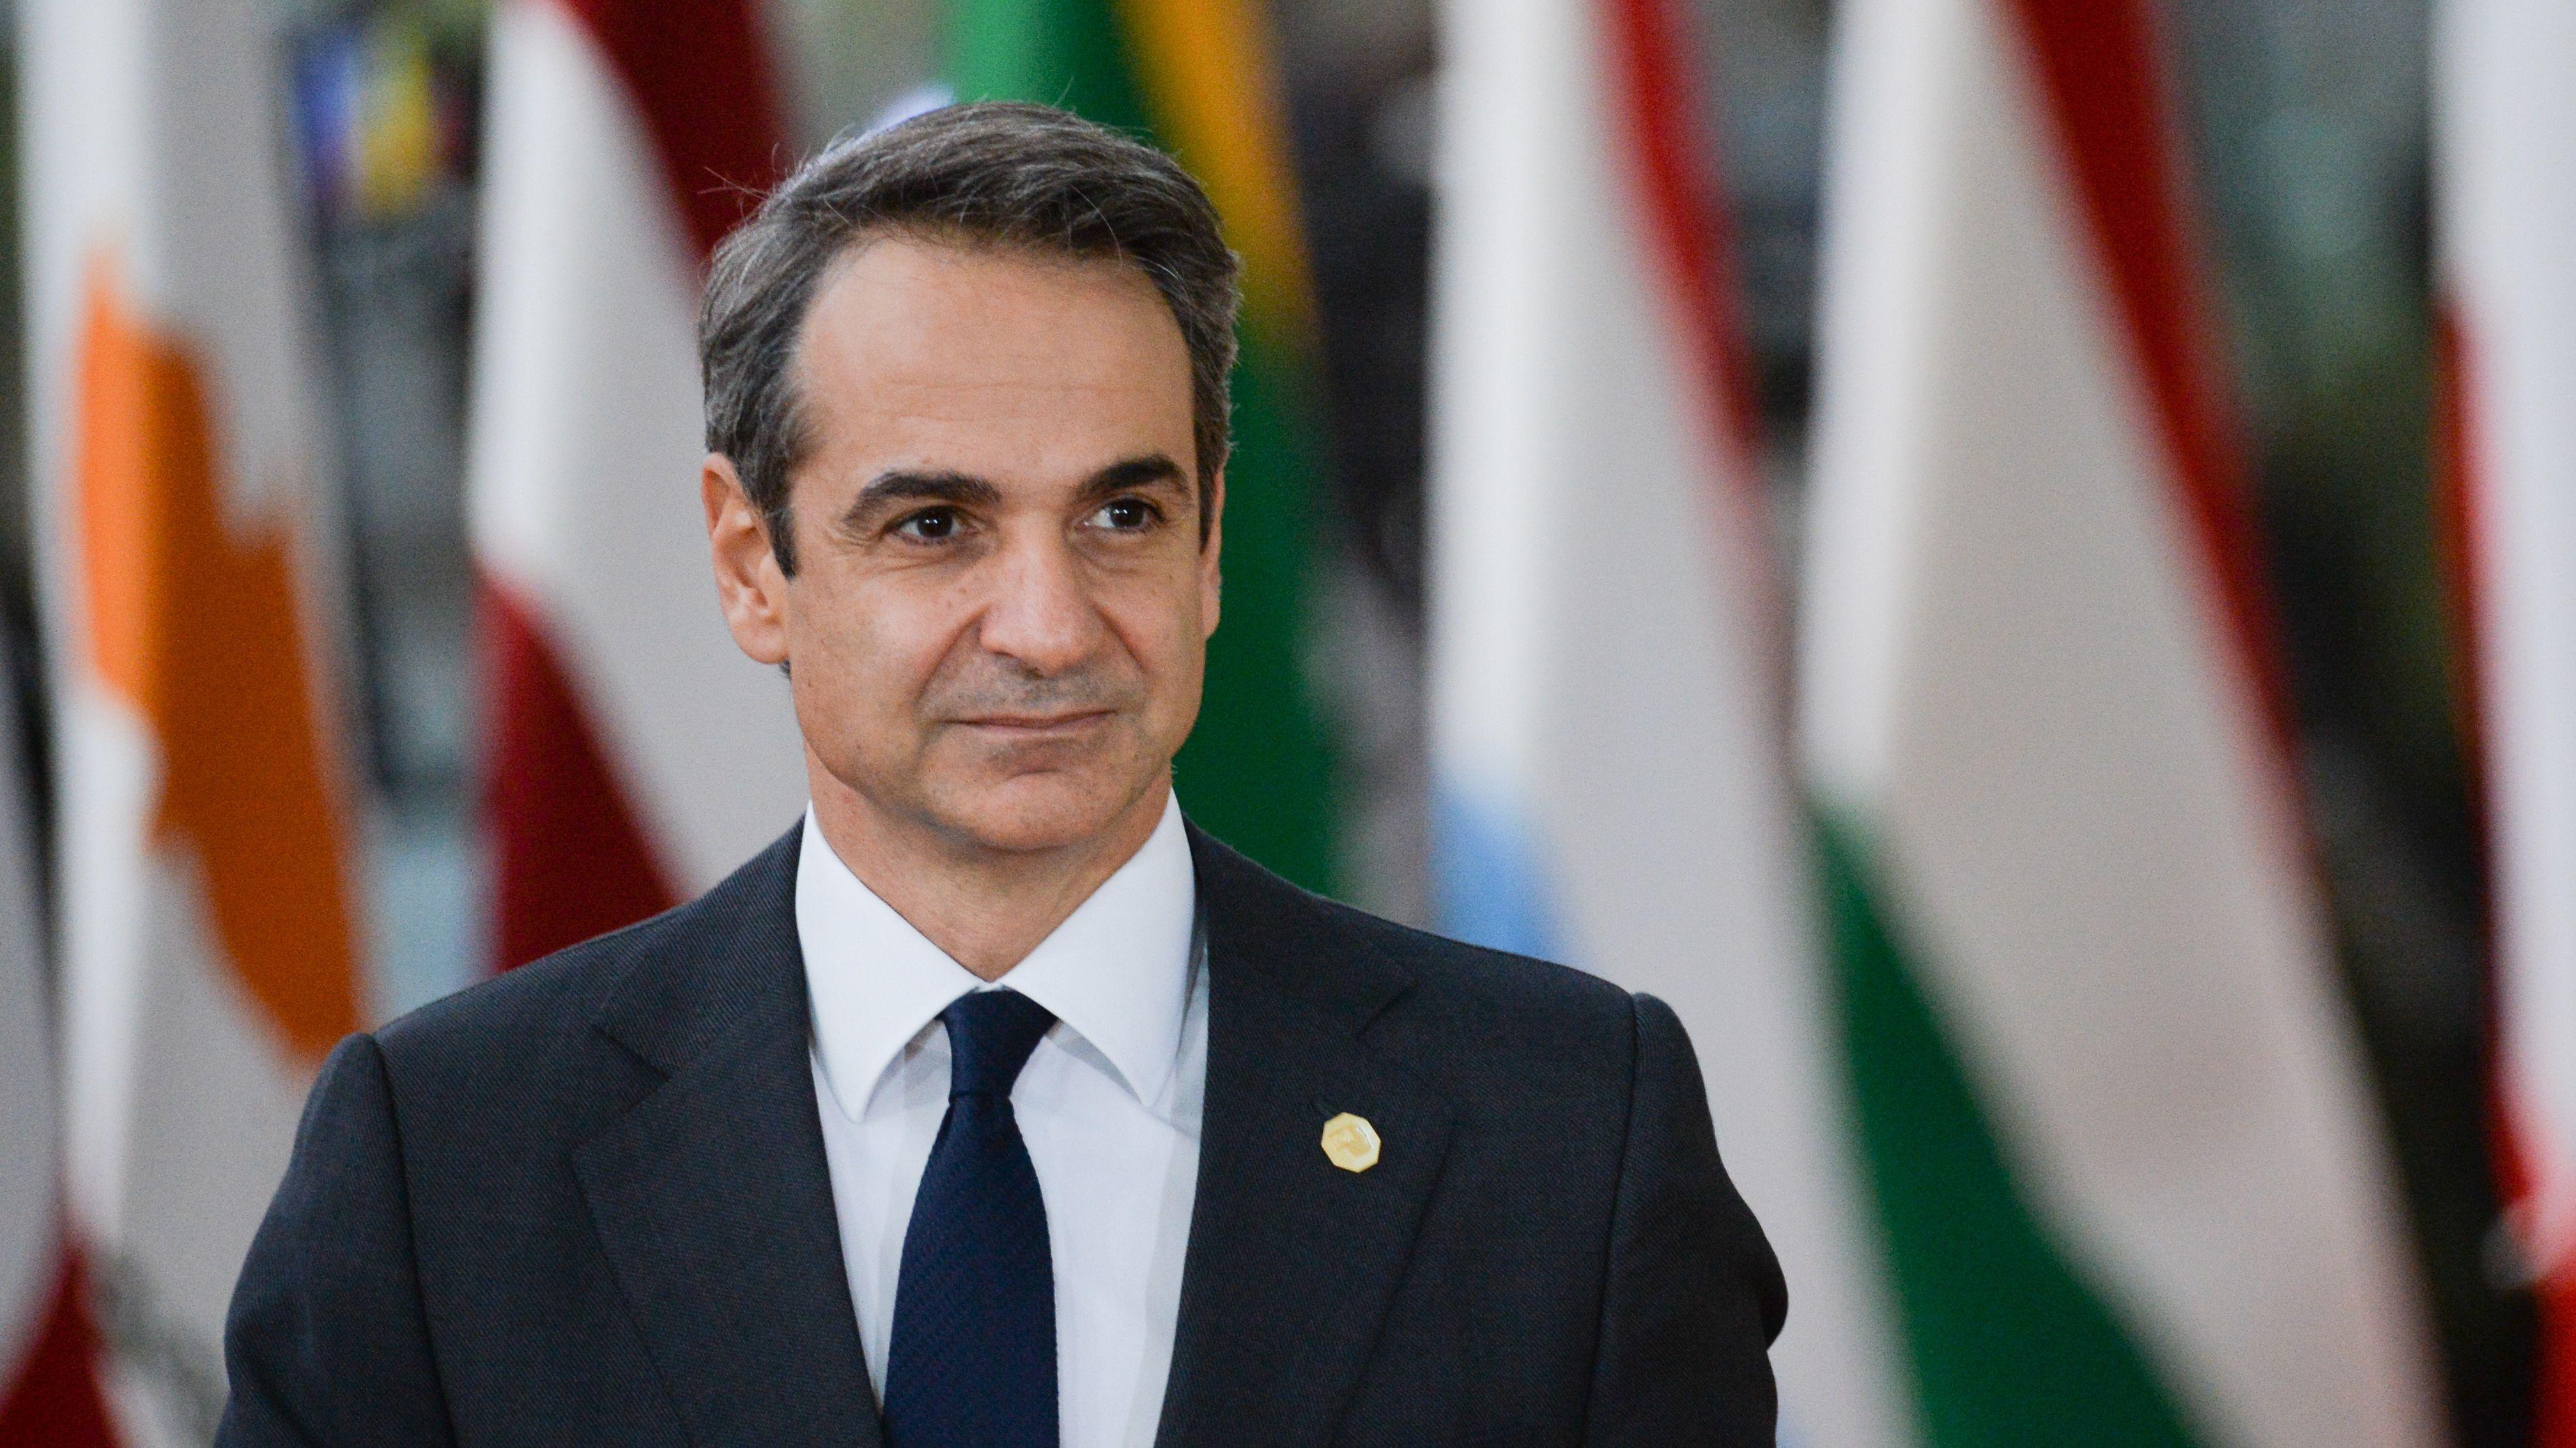 Der griechische Ministerpräsident Kyriakos Mitsotakis droht, eine Friedensvereinbarung für Libyen zu blockieren